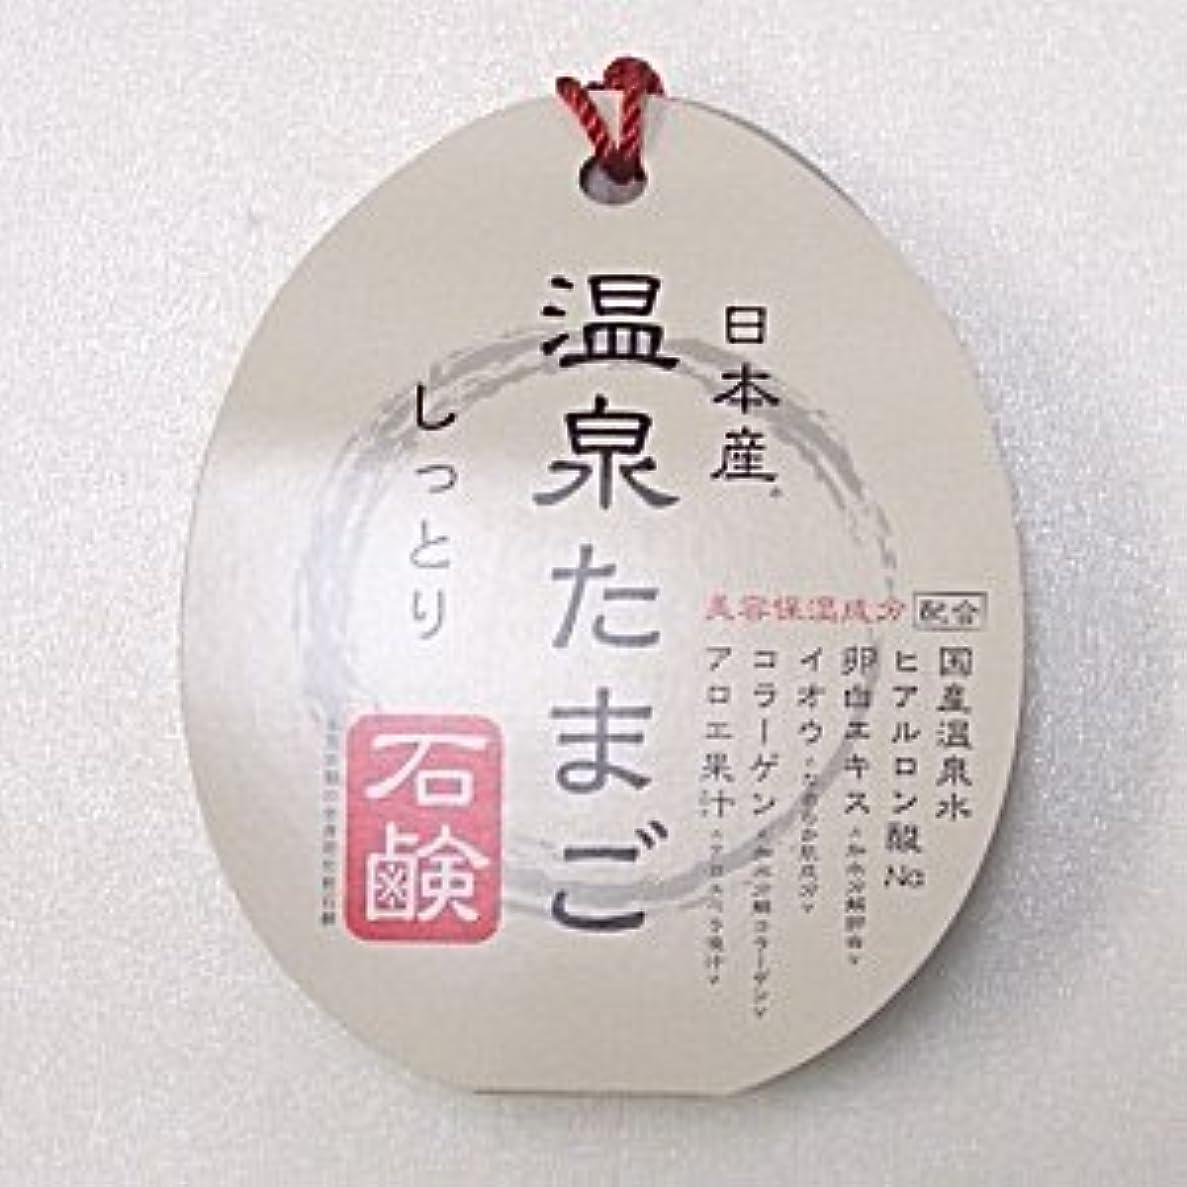 歩き回る満員藤色日本産 温泉たまご石鹸 しっとりタイプ 75g